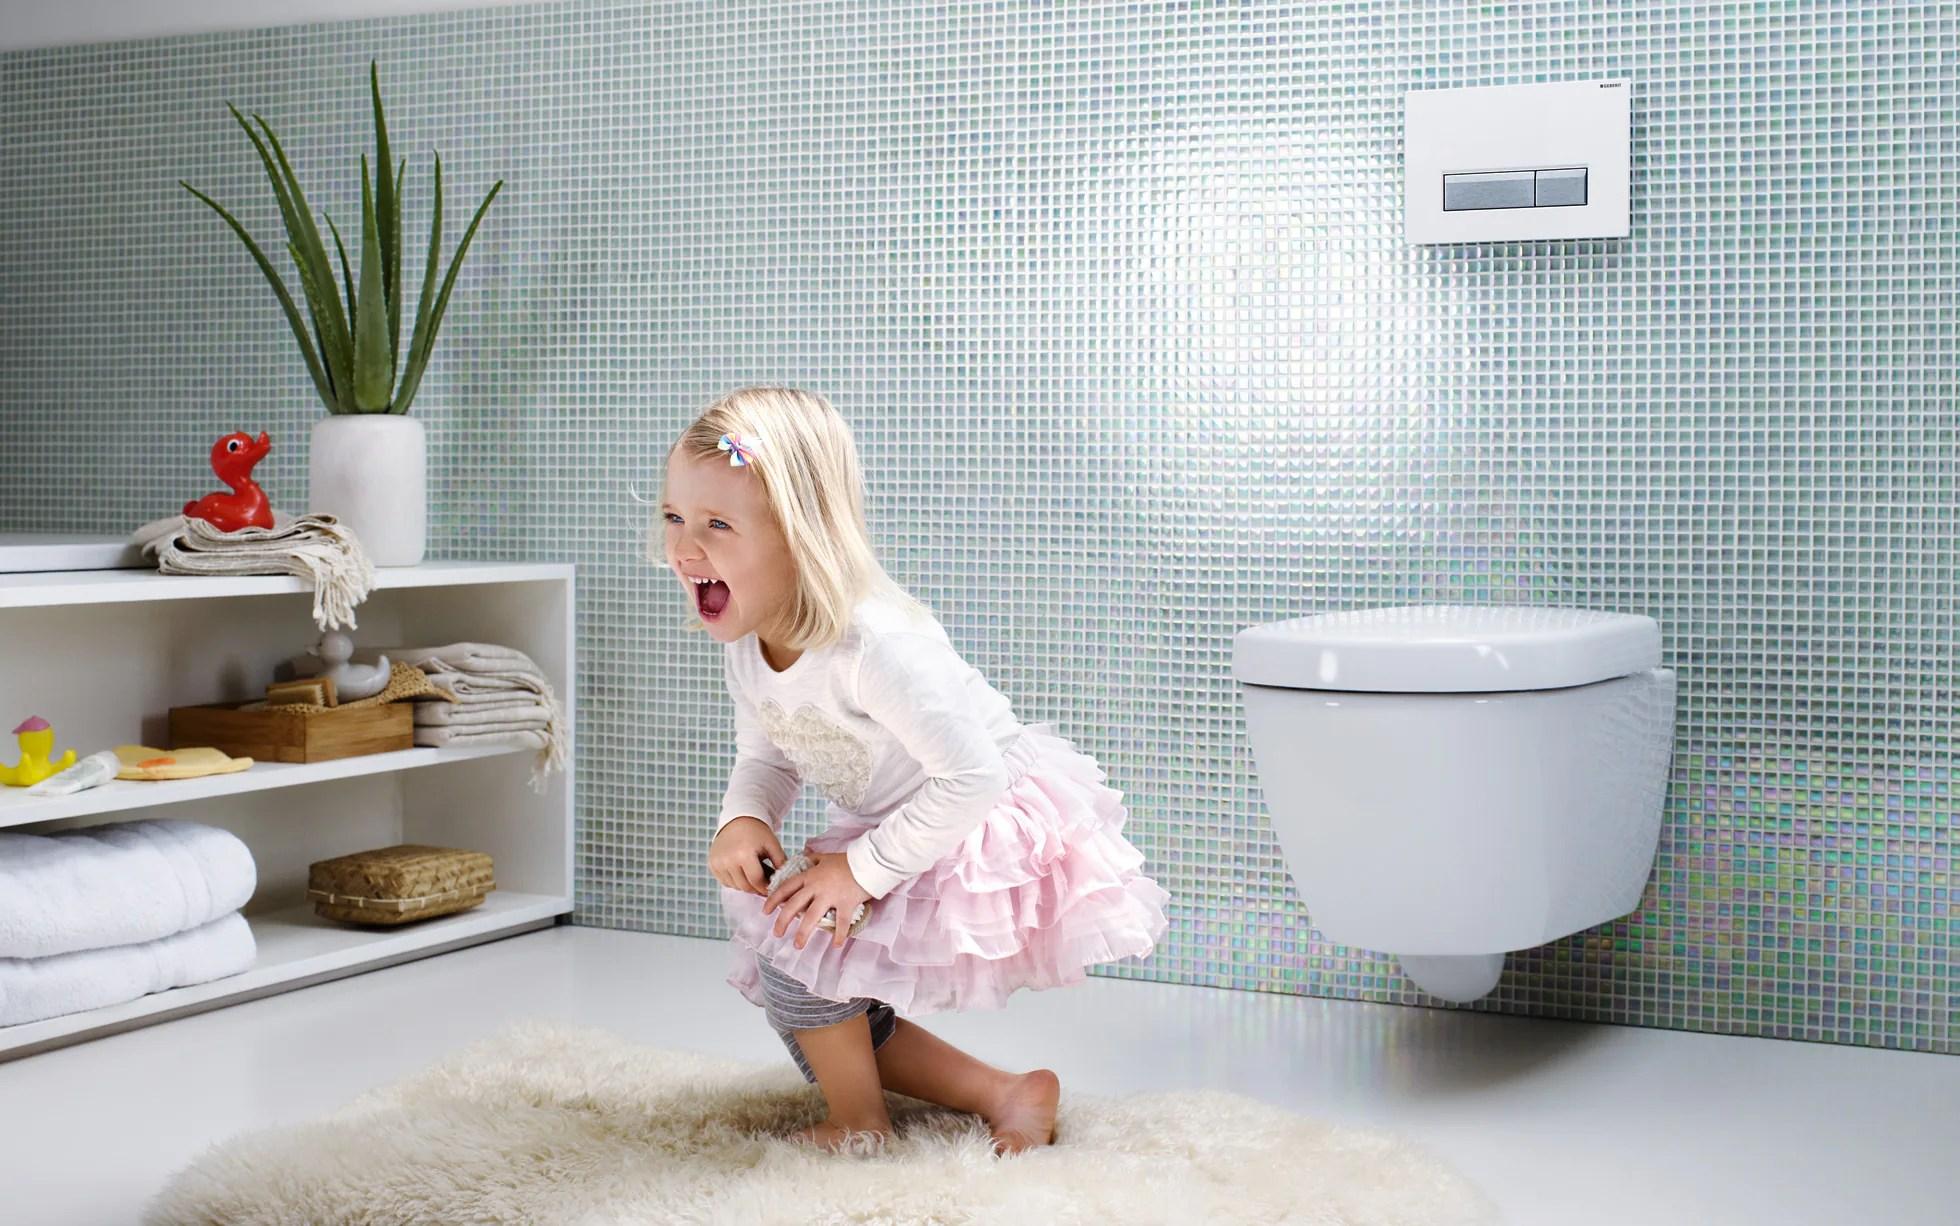 Banish unwelcome bathroom smells with Geberit DuoFresh